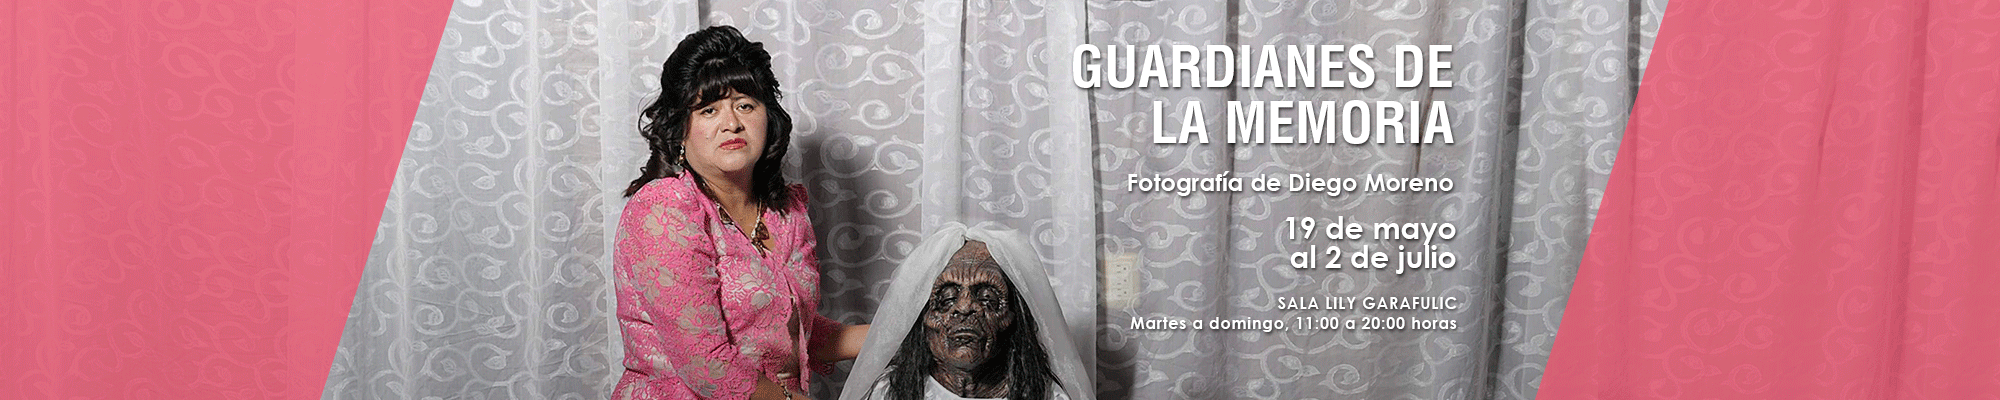 Guardianes de la Memoria. Fotografía de Diego Moreno